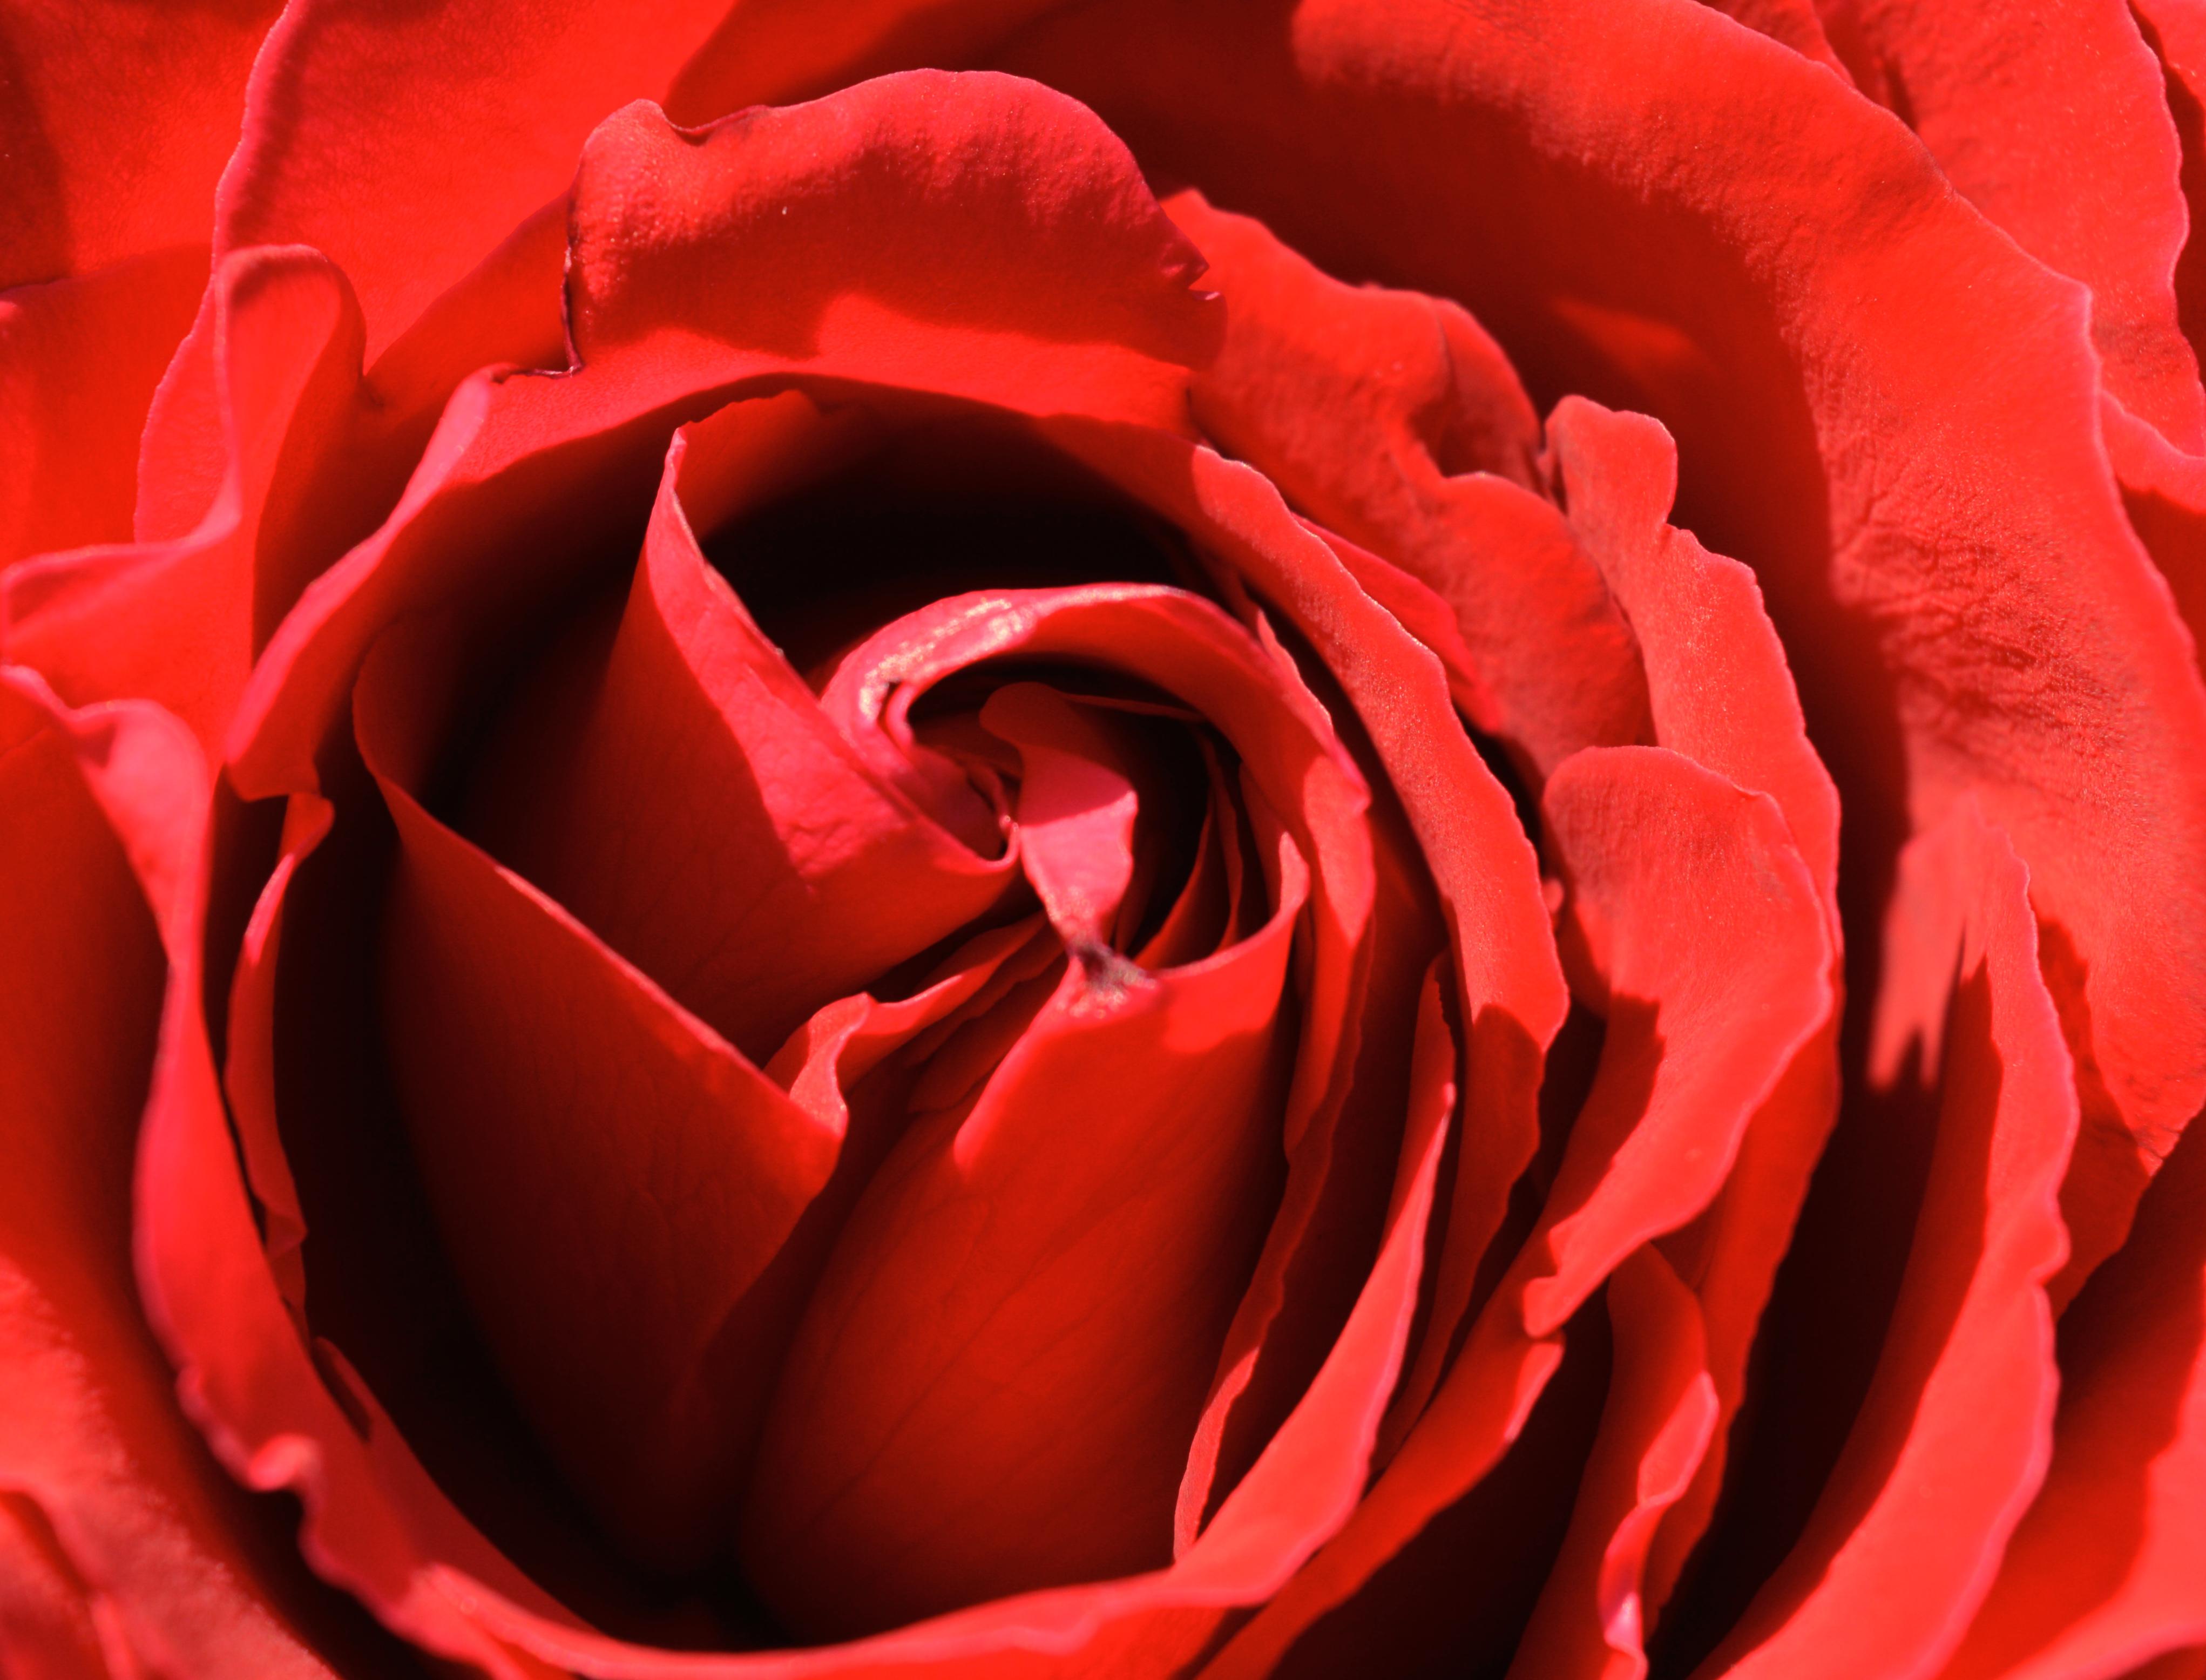 Gambar Mawar Merah Berkembang Menanam Romantis Keindahan